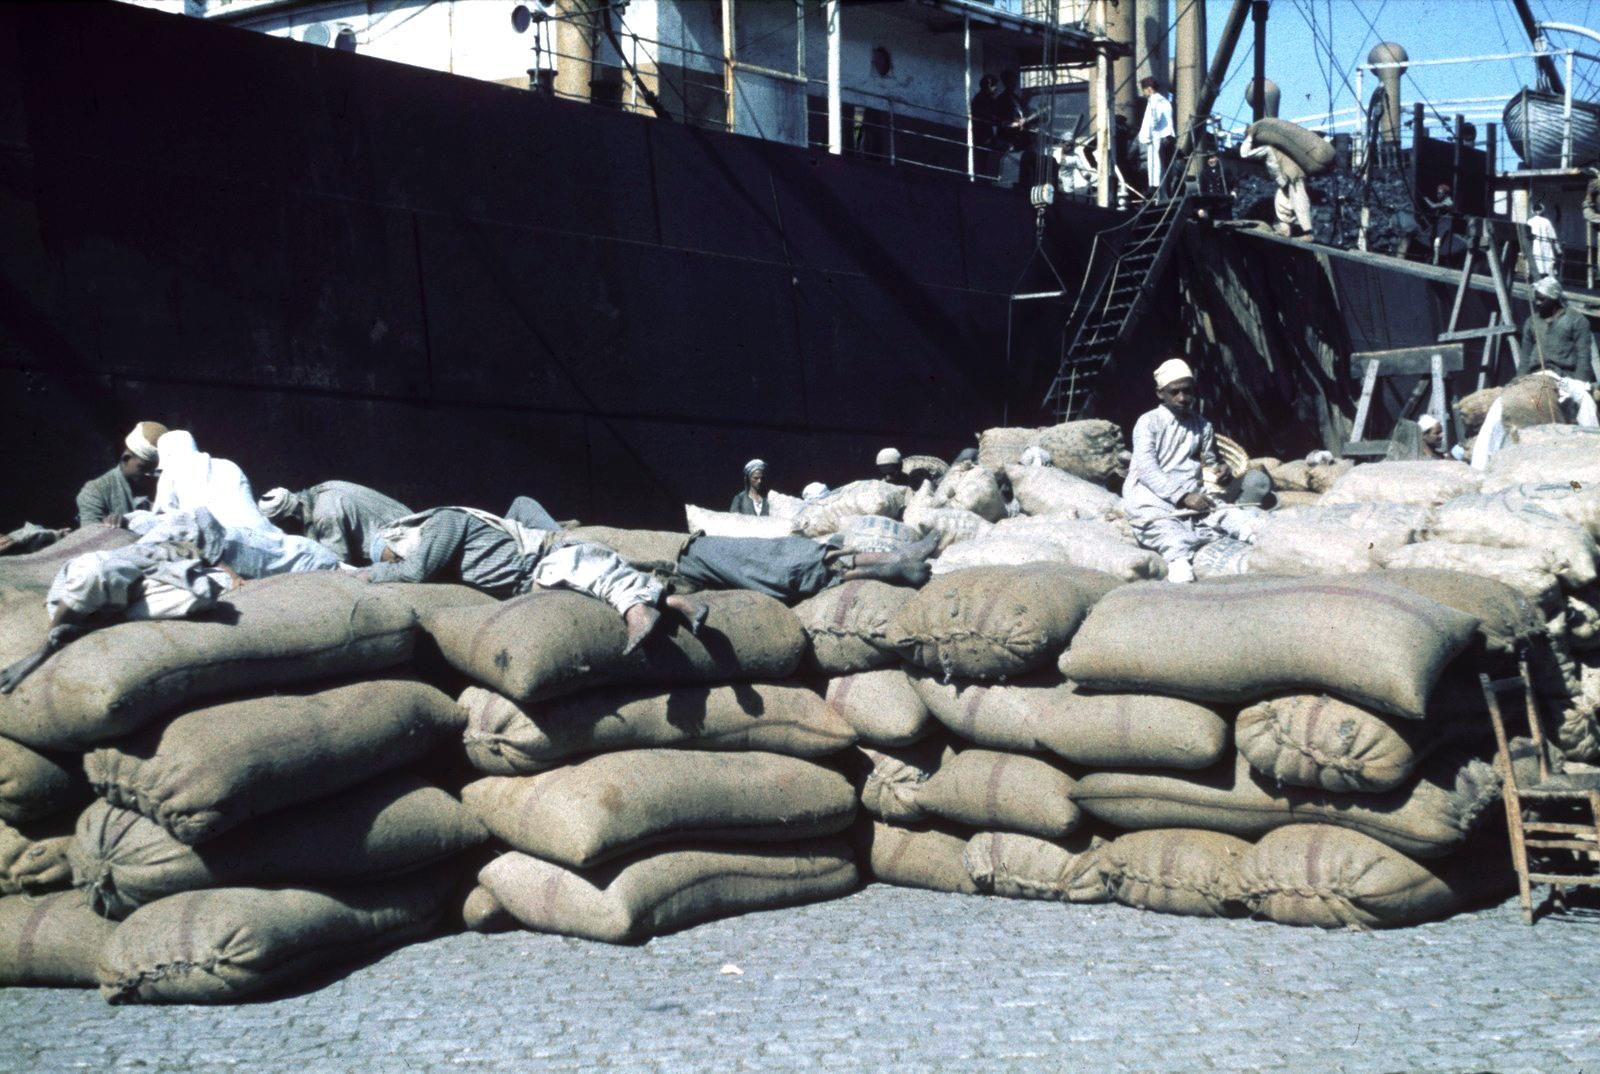 Александрия. Порт. Погрузка товара на судно